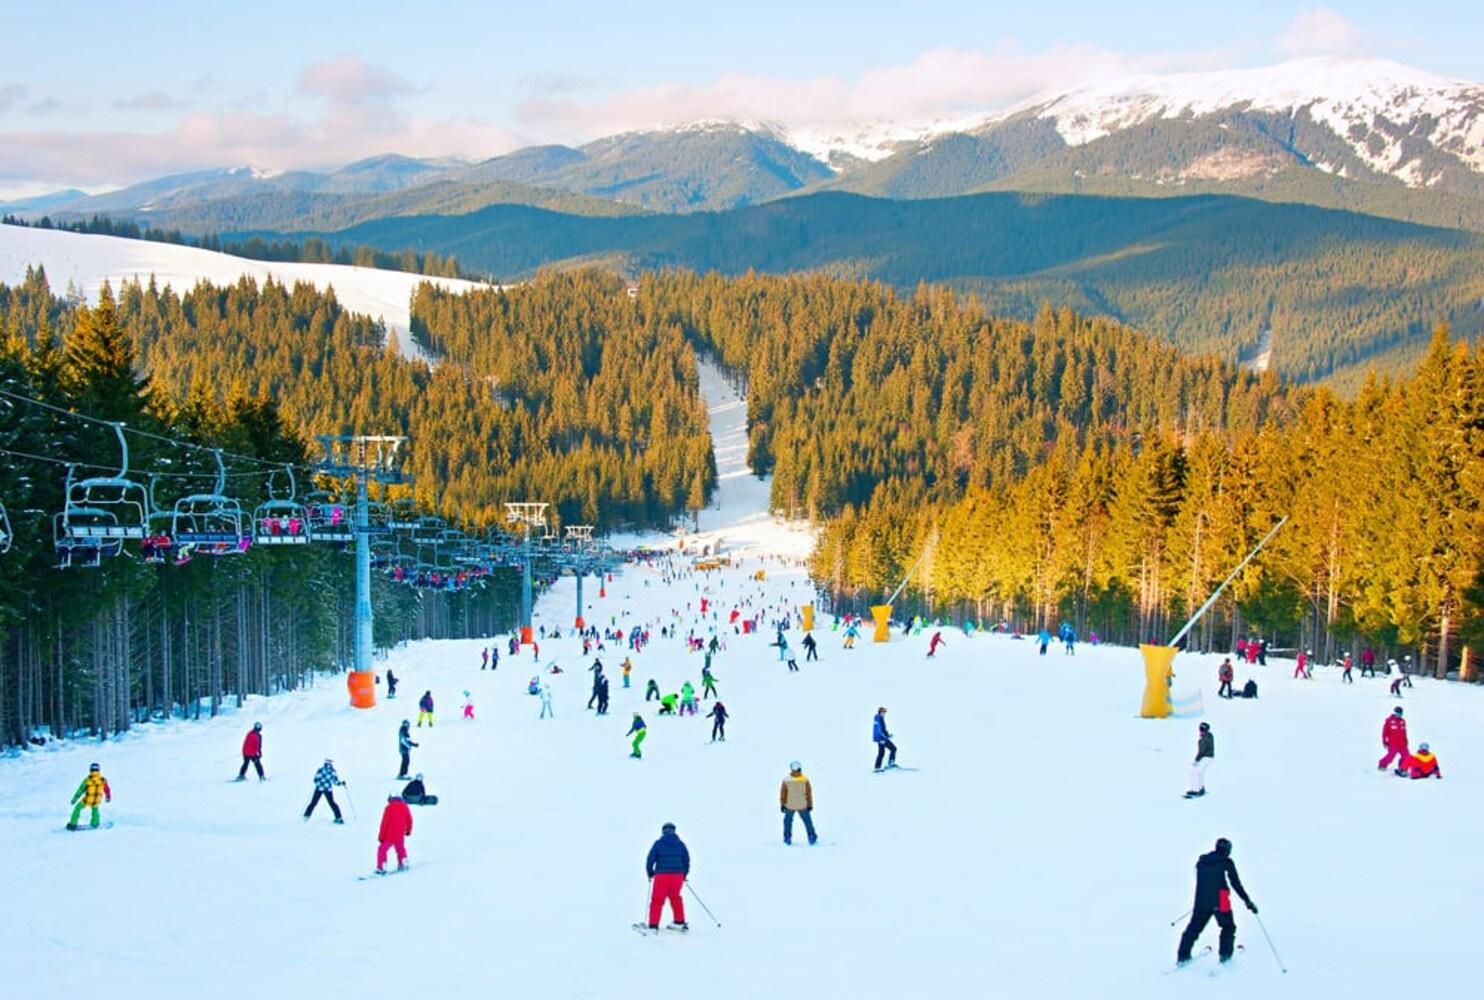 国内で滑走可能なスキー場は?レンタルは?